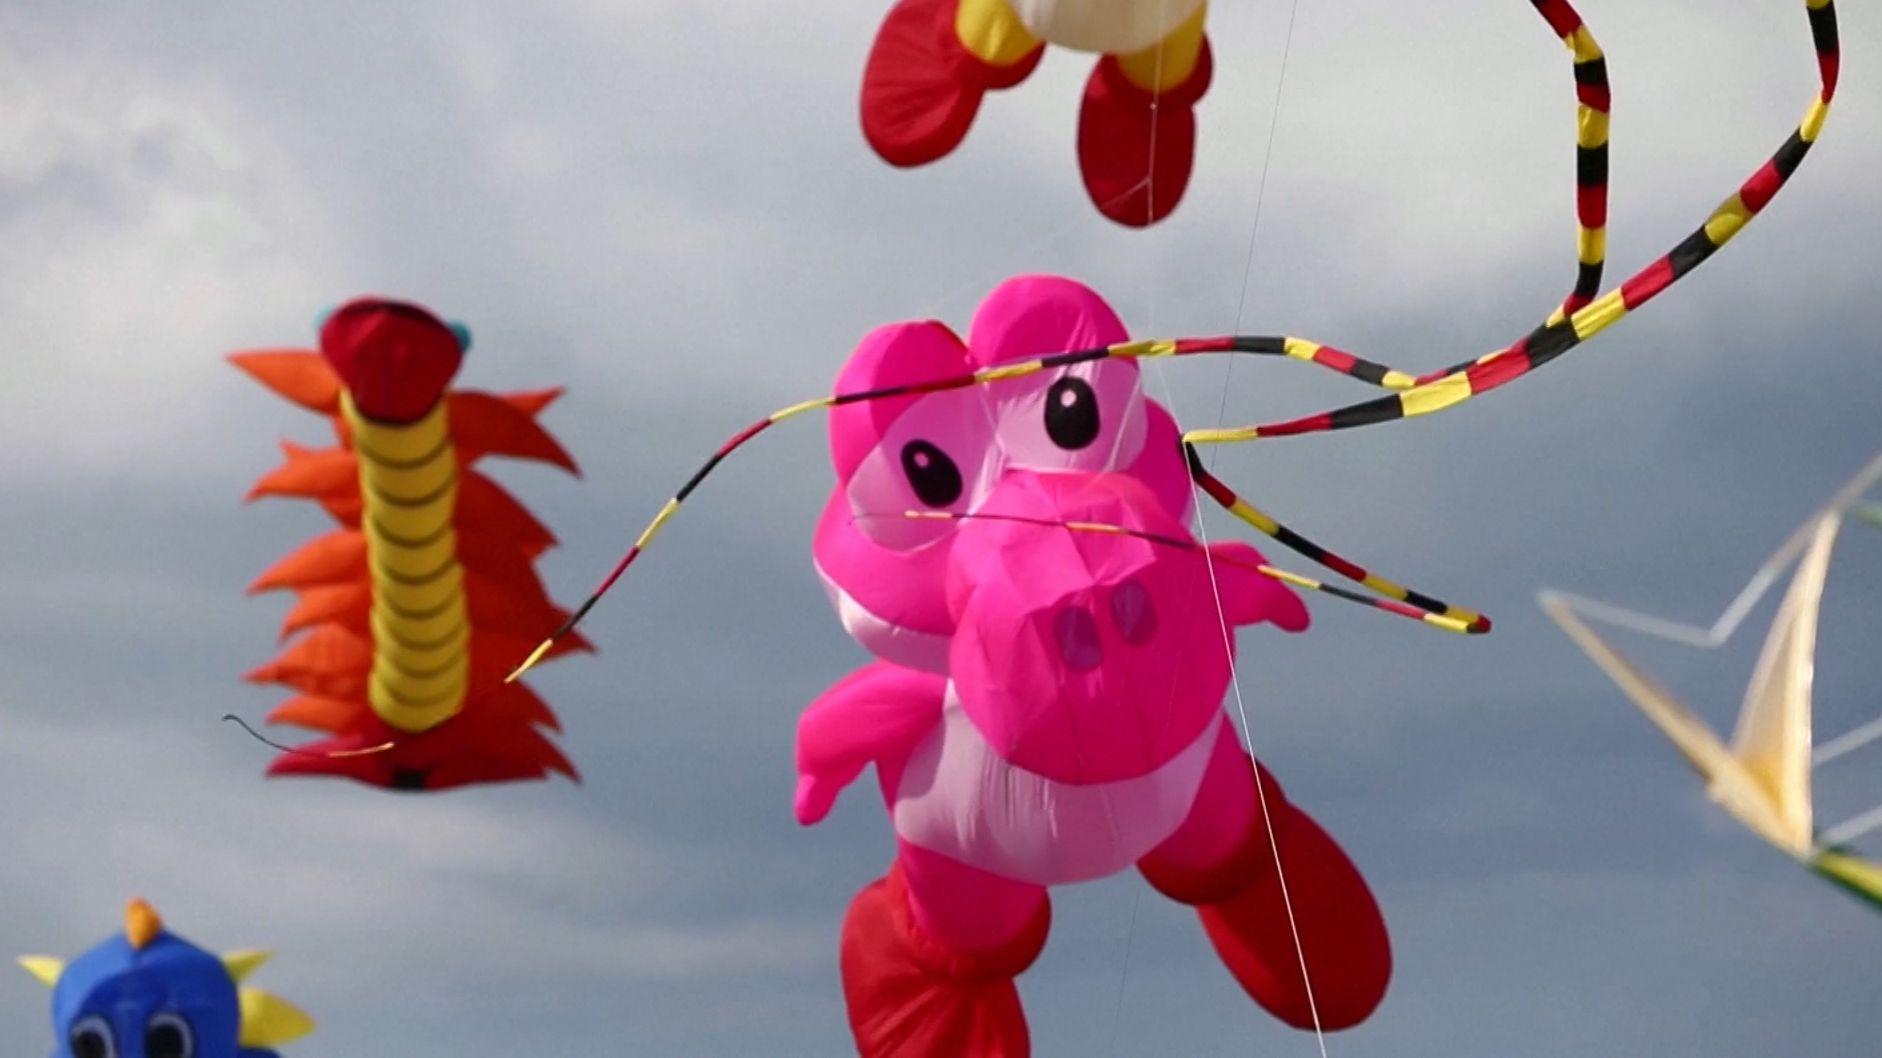 Festival der Drachen: Farbenfrohe Flugobjekte über Gozo